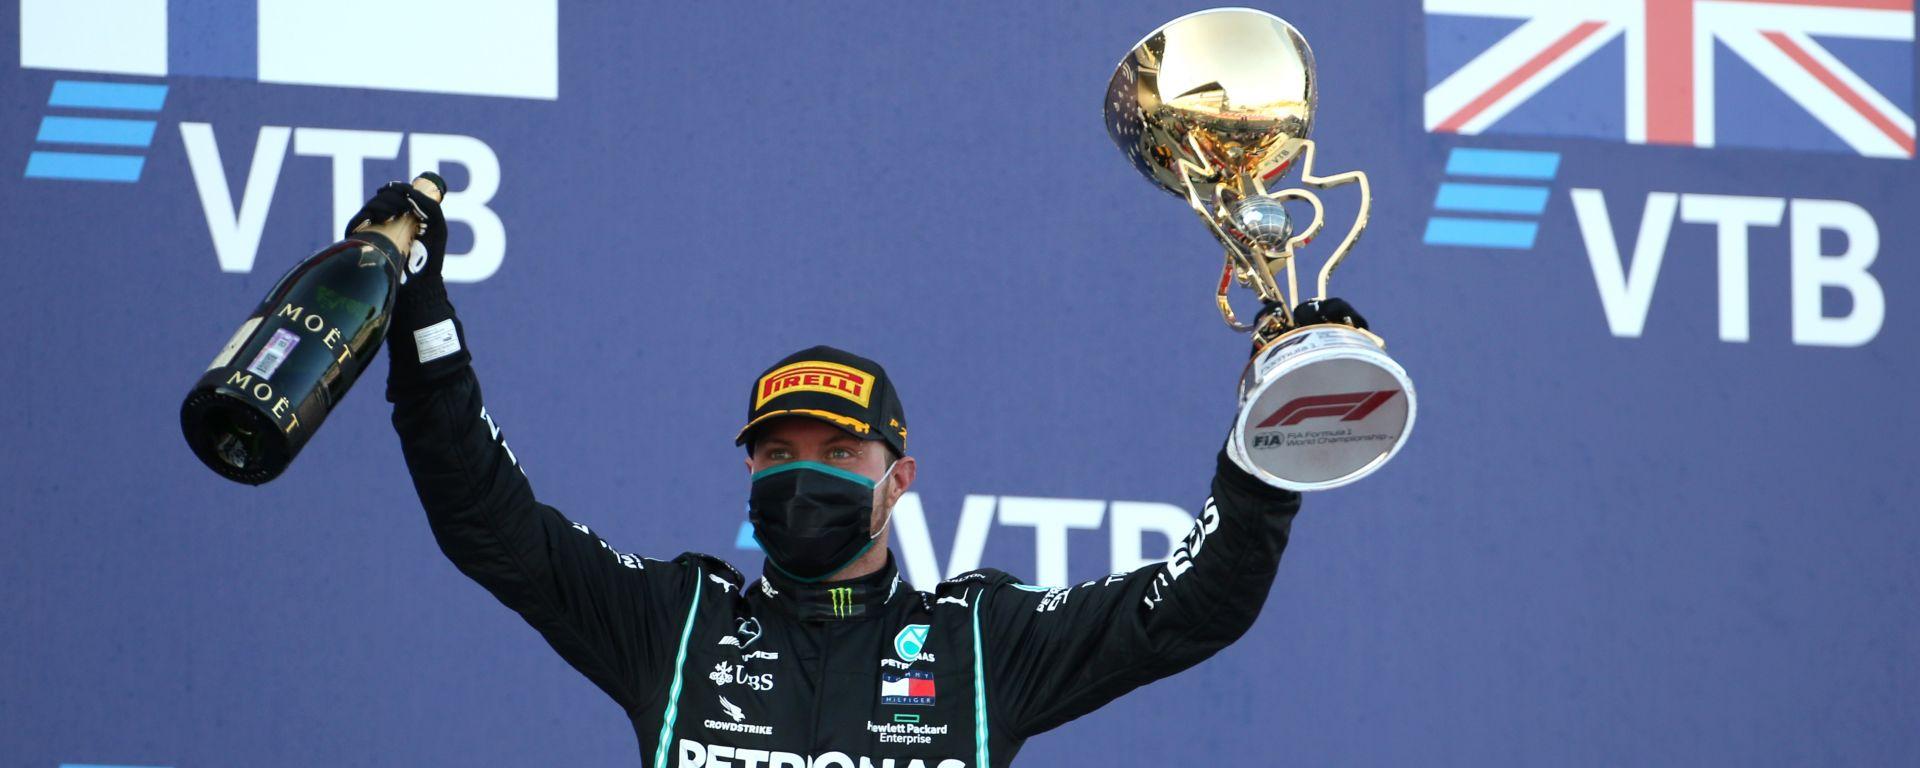 F1, GP Russia 2020: Valtteri Bottas (Mercedes) festeggia sul podio